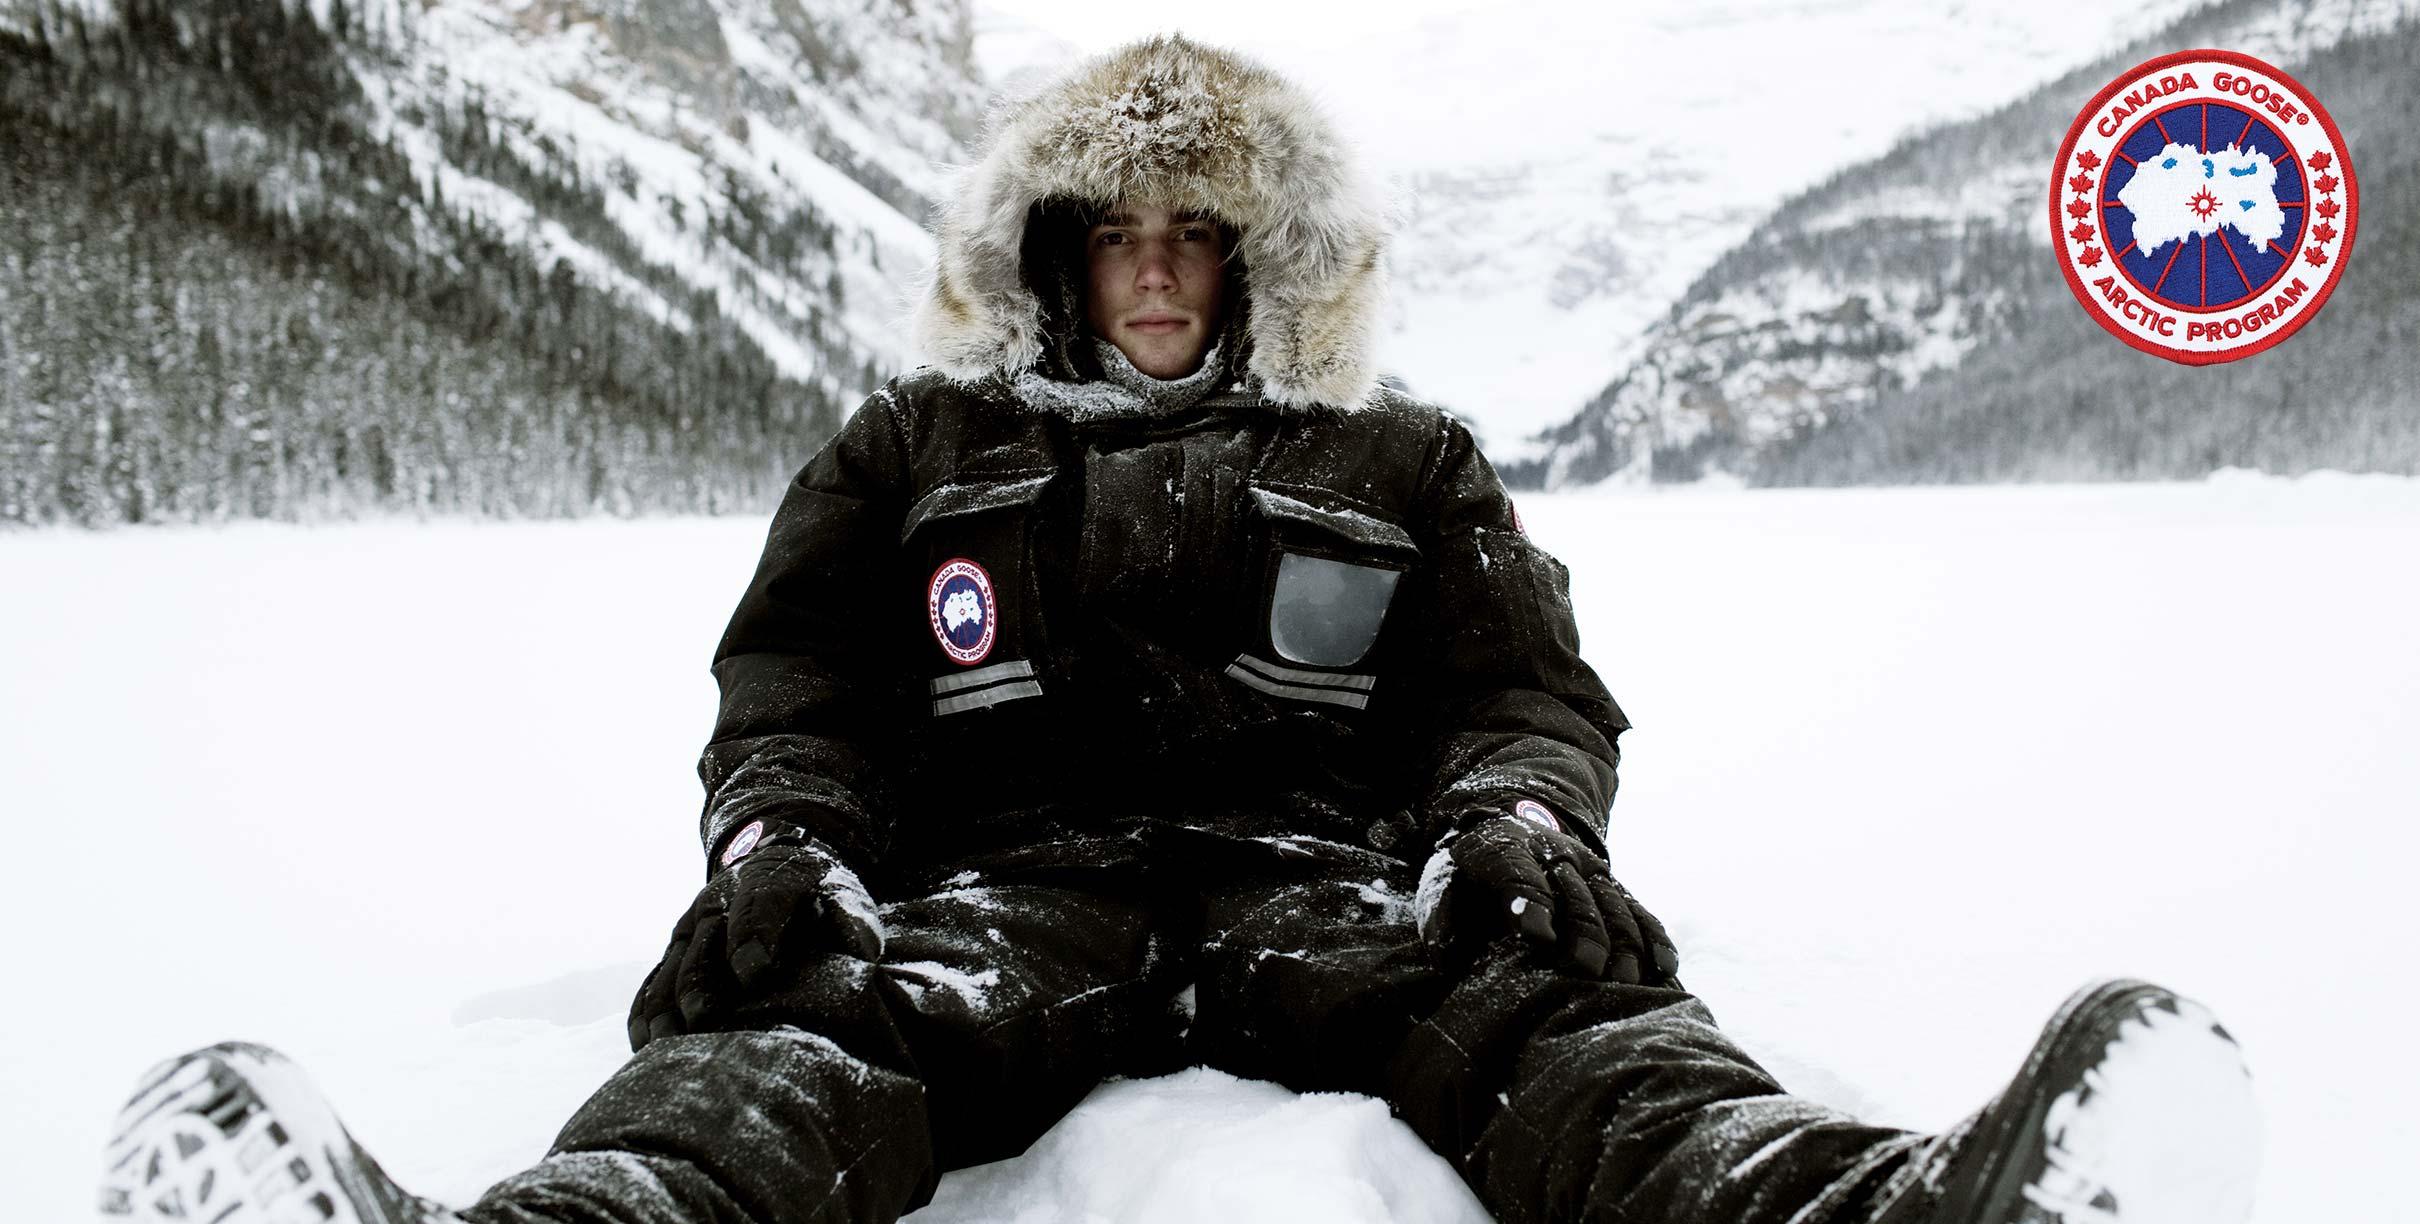 ВНИМАНИЕ! АКЦИЯ НА ЭТУ ЗАКУПКУ ОРГ 9% CANADA GOOSE - и вам не страшен холод!